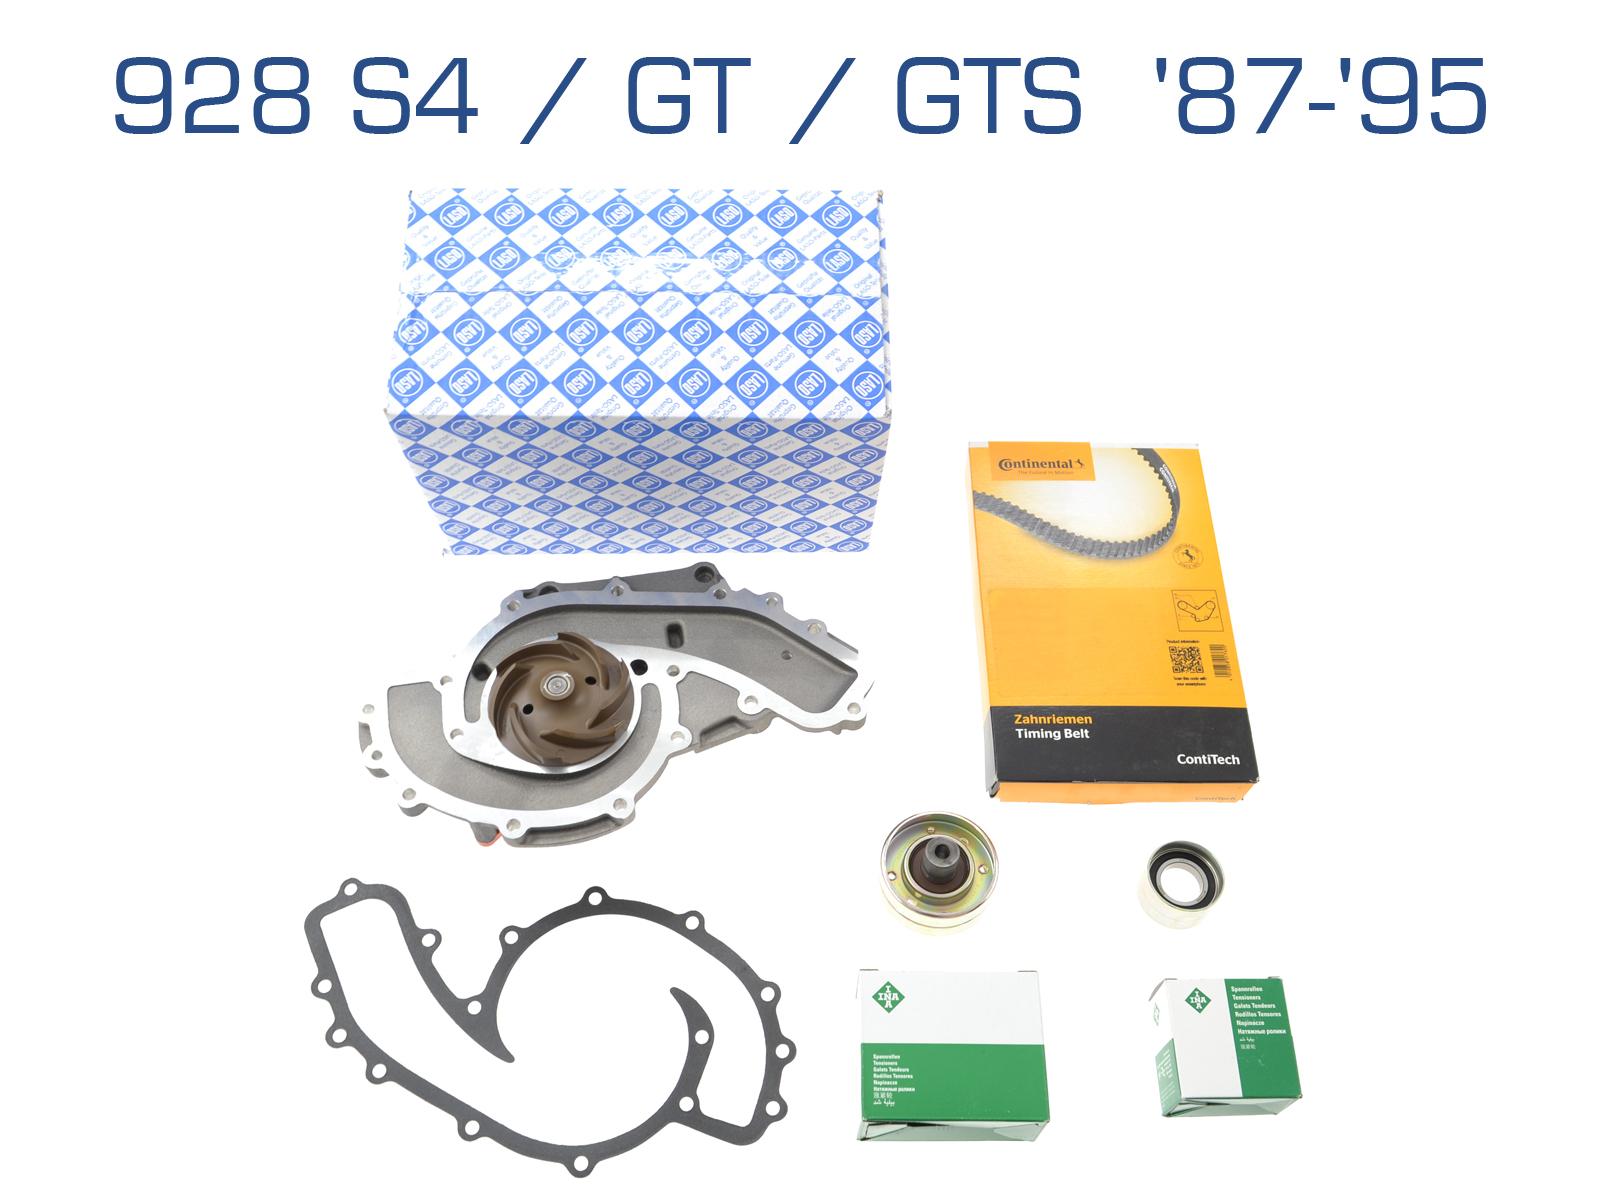 Wasserpumpe + Zahnriemen für Porsche S4/GT/GTS '87-'95